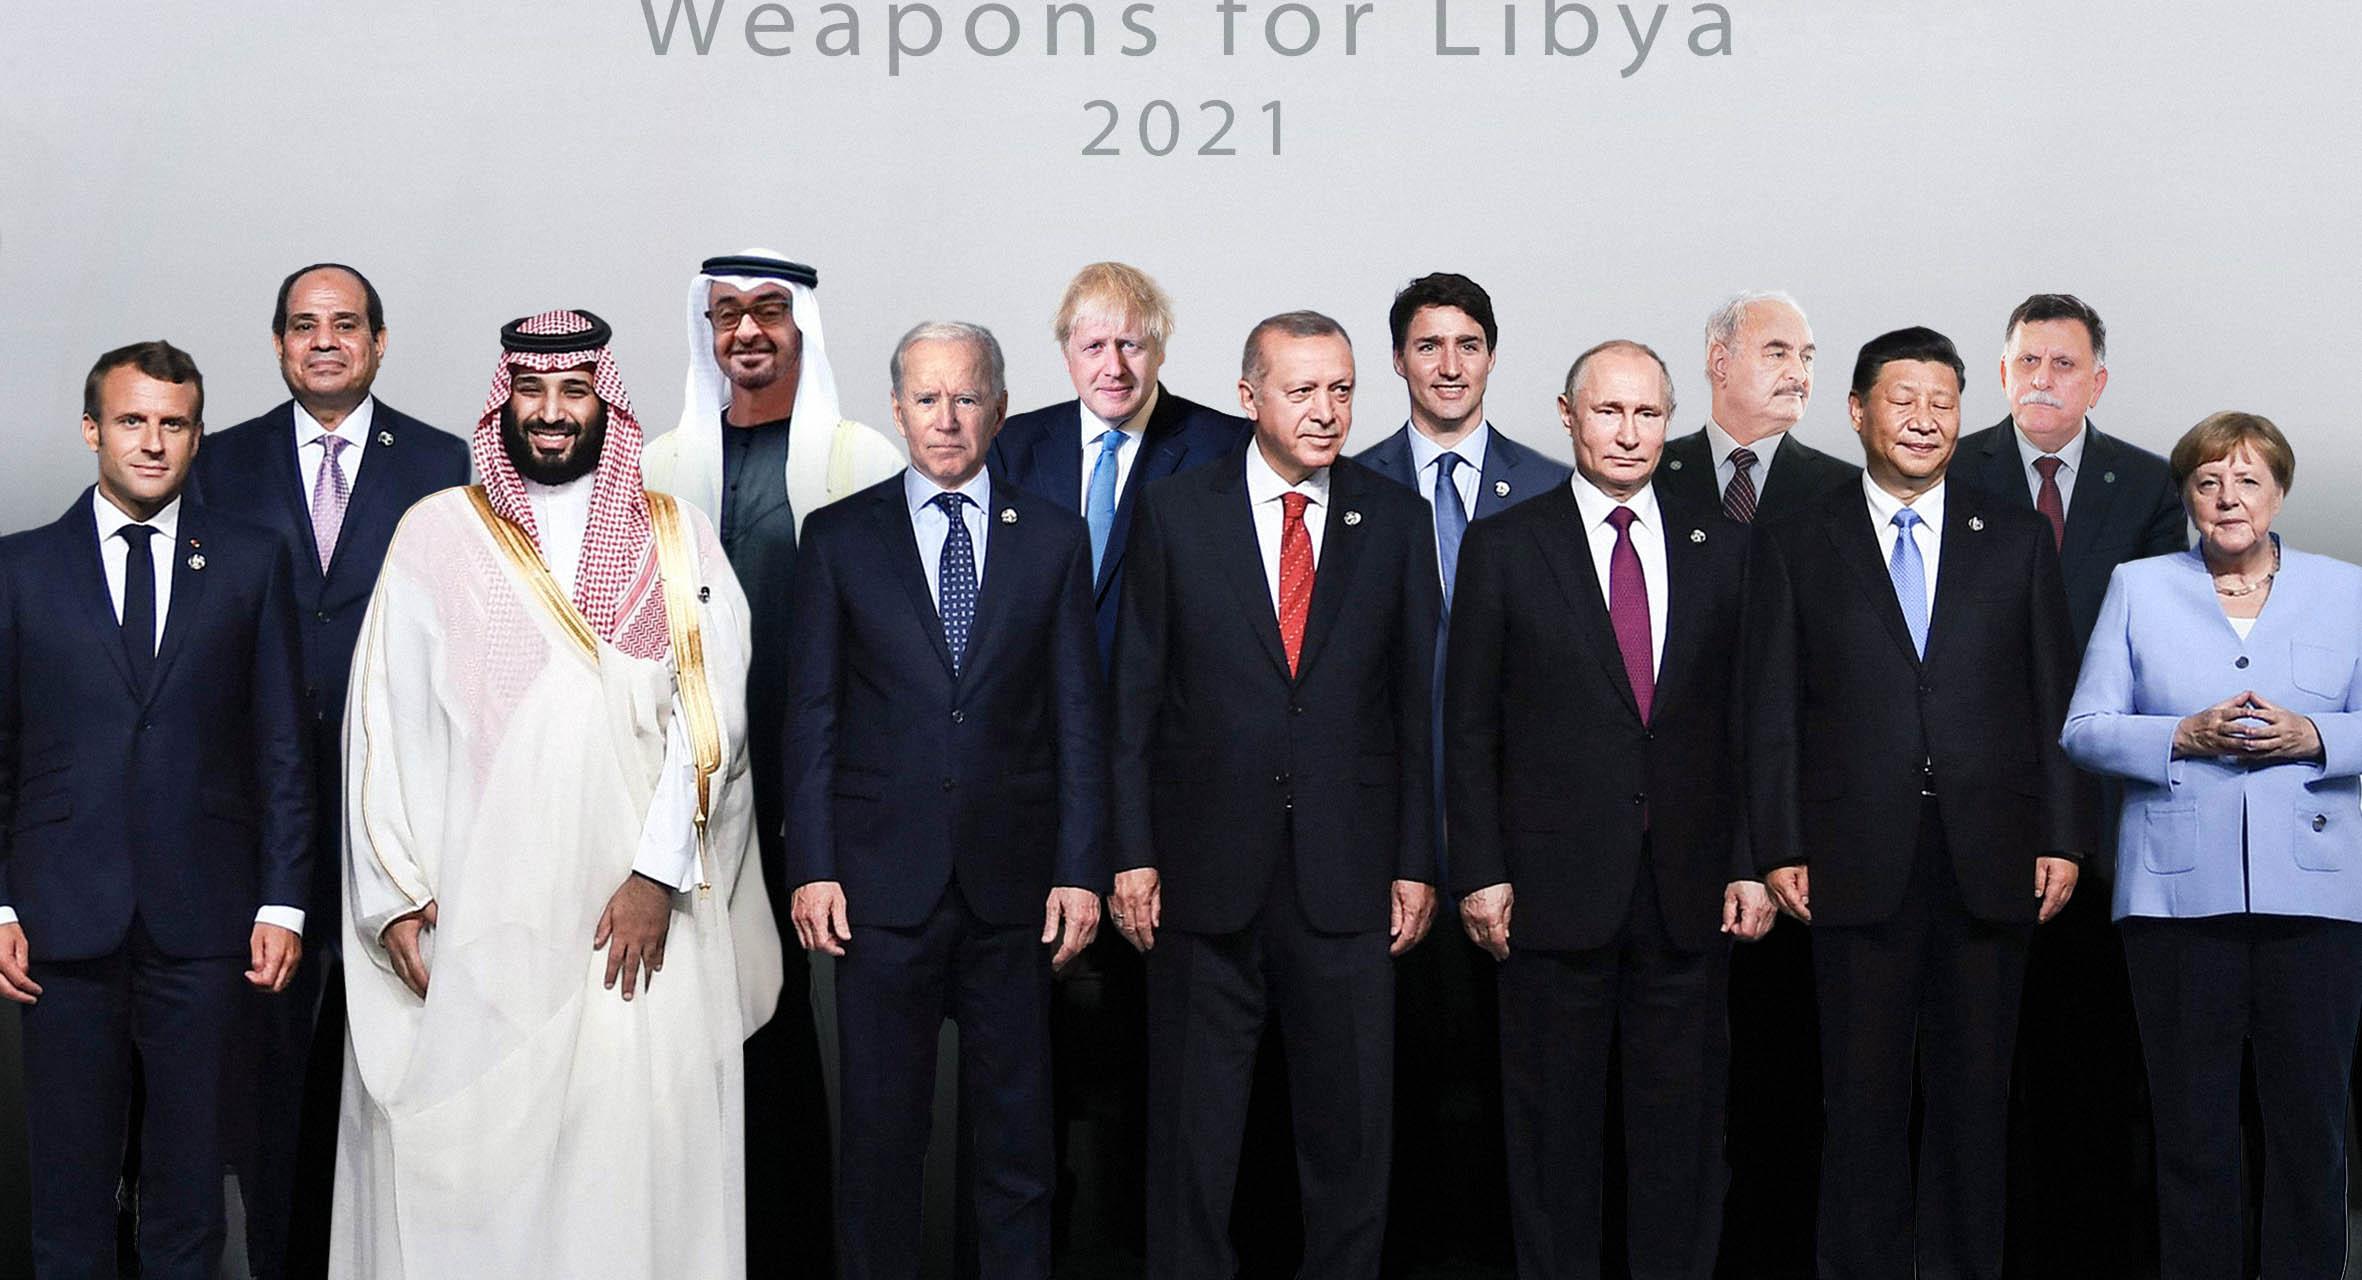 صورة في الذكرى العاشرة لافتتاحه: إشادة دولية بكفاءة مختبر ليبيا لأبحاث الأسلحة